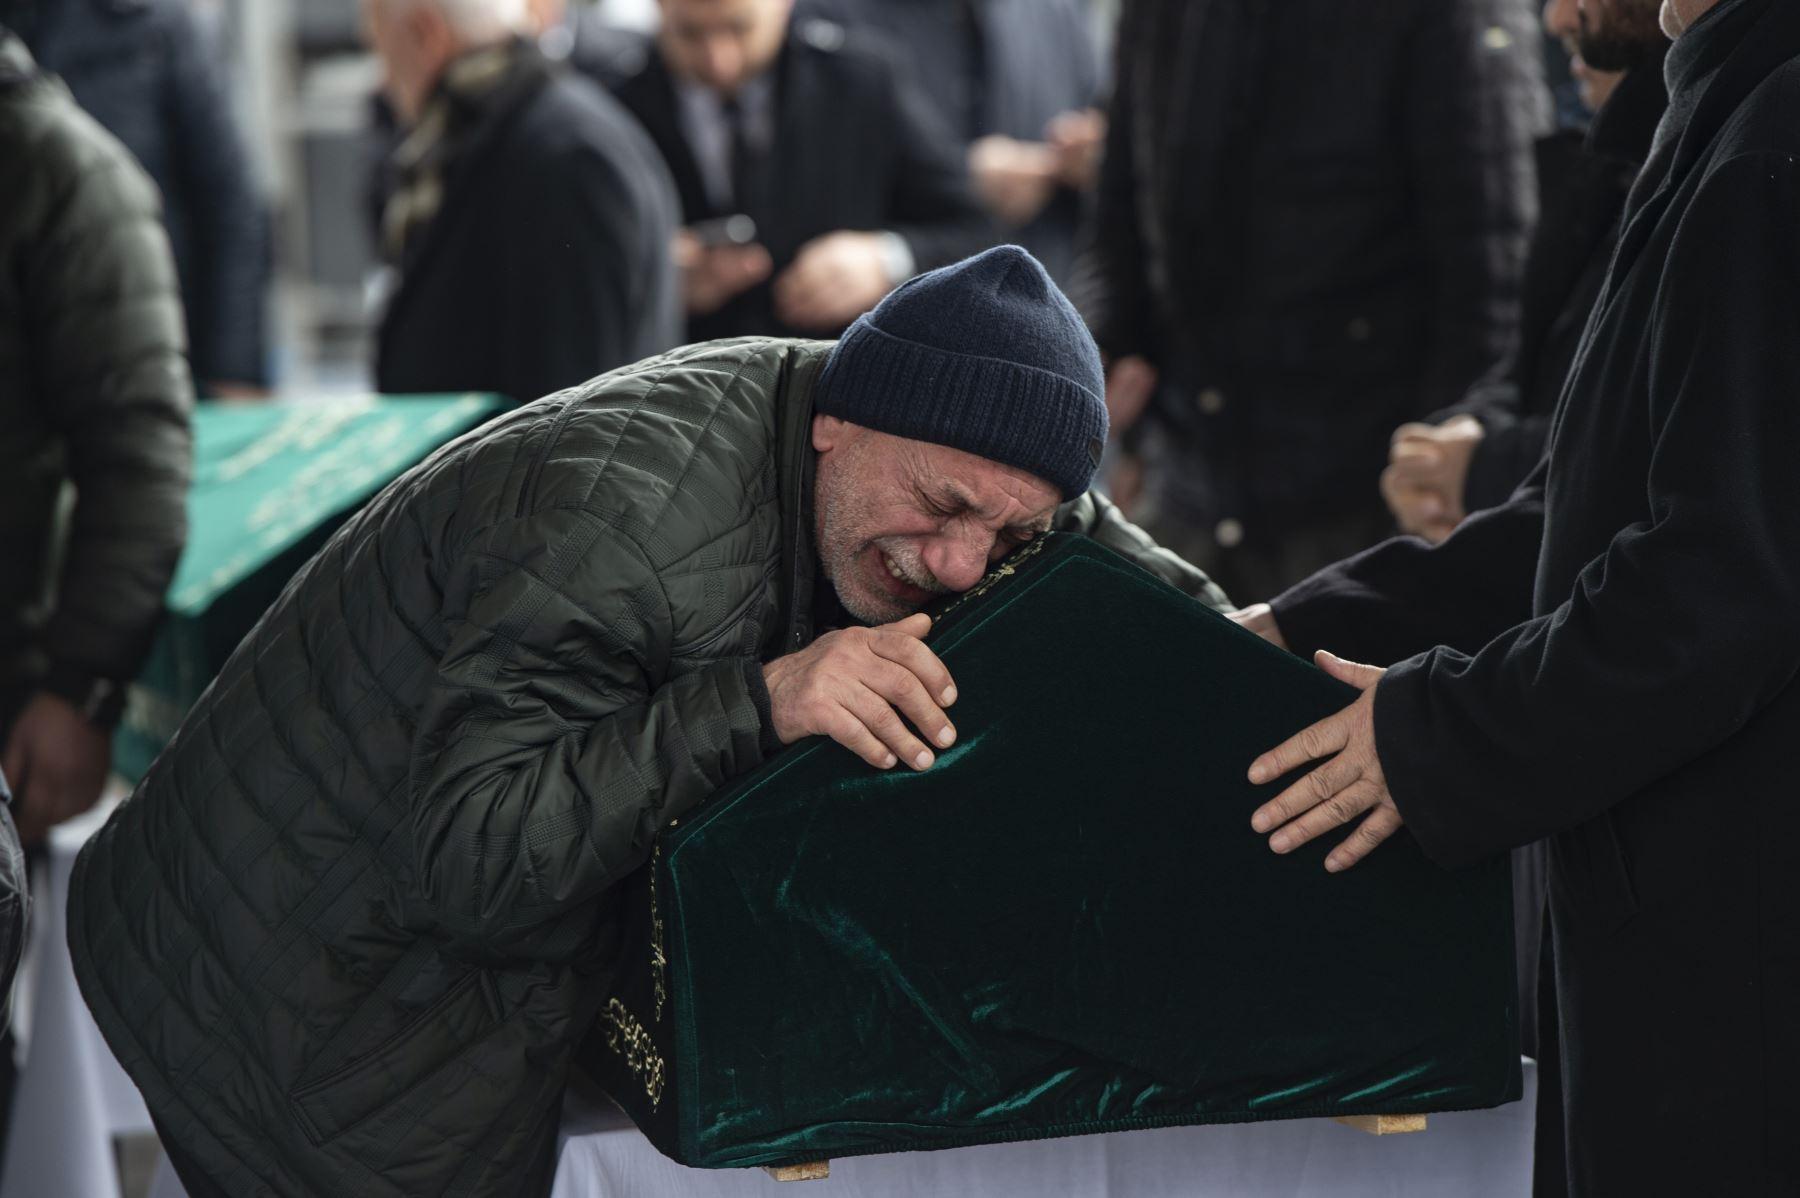 """La gente lloraba durante el funeral de nueve víctimas de un colapso en el distrito de Kartal de la ciudad, en la mezquita de los Mártires en Estambul, Turquía, . El número de muertos por el colapso del edificio de apartamentos de ocho pisos aumentó a 17 como dijo el presidente Erdogan el 9 de febrero, las autoridades tienen """"lecciones para aprender"""" del incidente. AFP"""